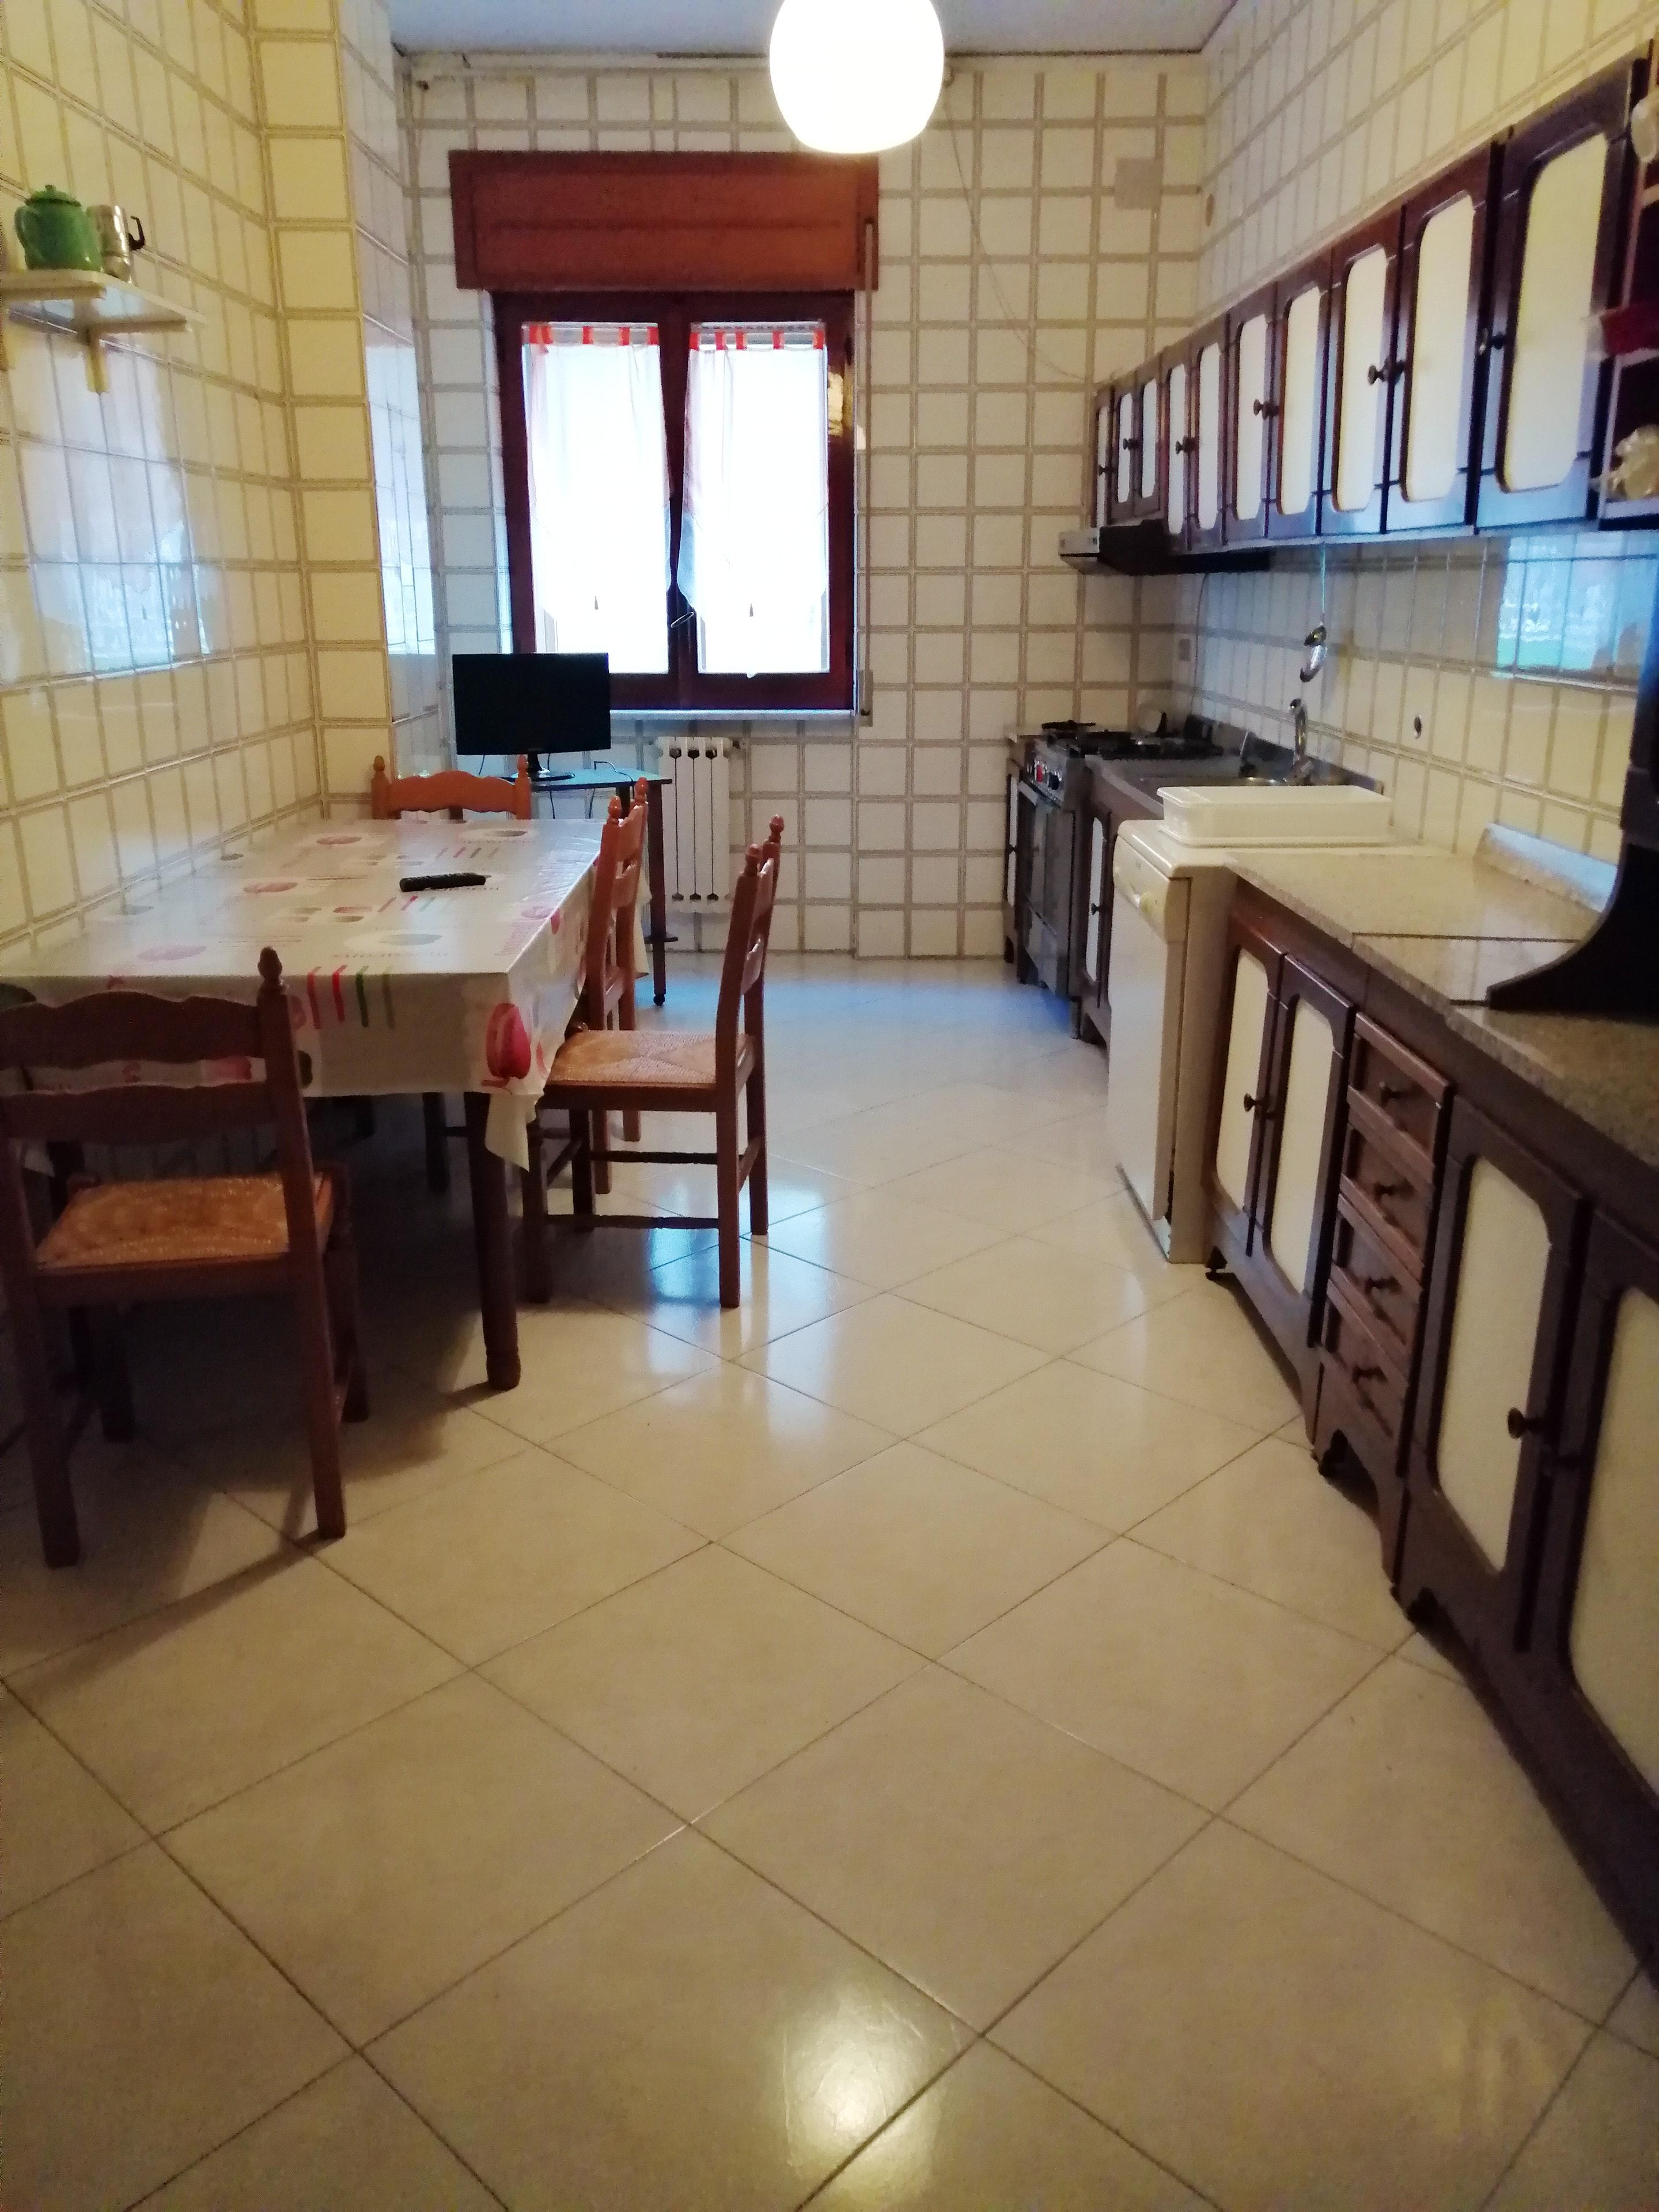 Ferienwohnung Wohnung mit 3 Schlafzimmern in Pagani mit schöner Aussicht auf die Stadt, Balkon und W-LAN (2690733), Pagani, Salerno, Kampanien, Italien, Bild 2